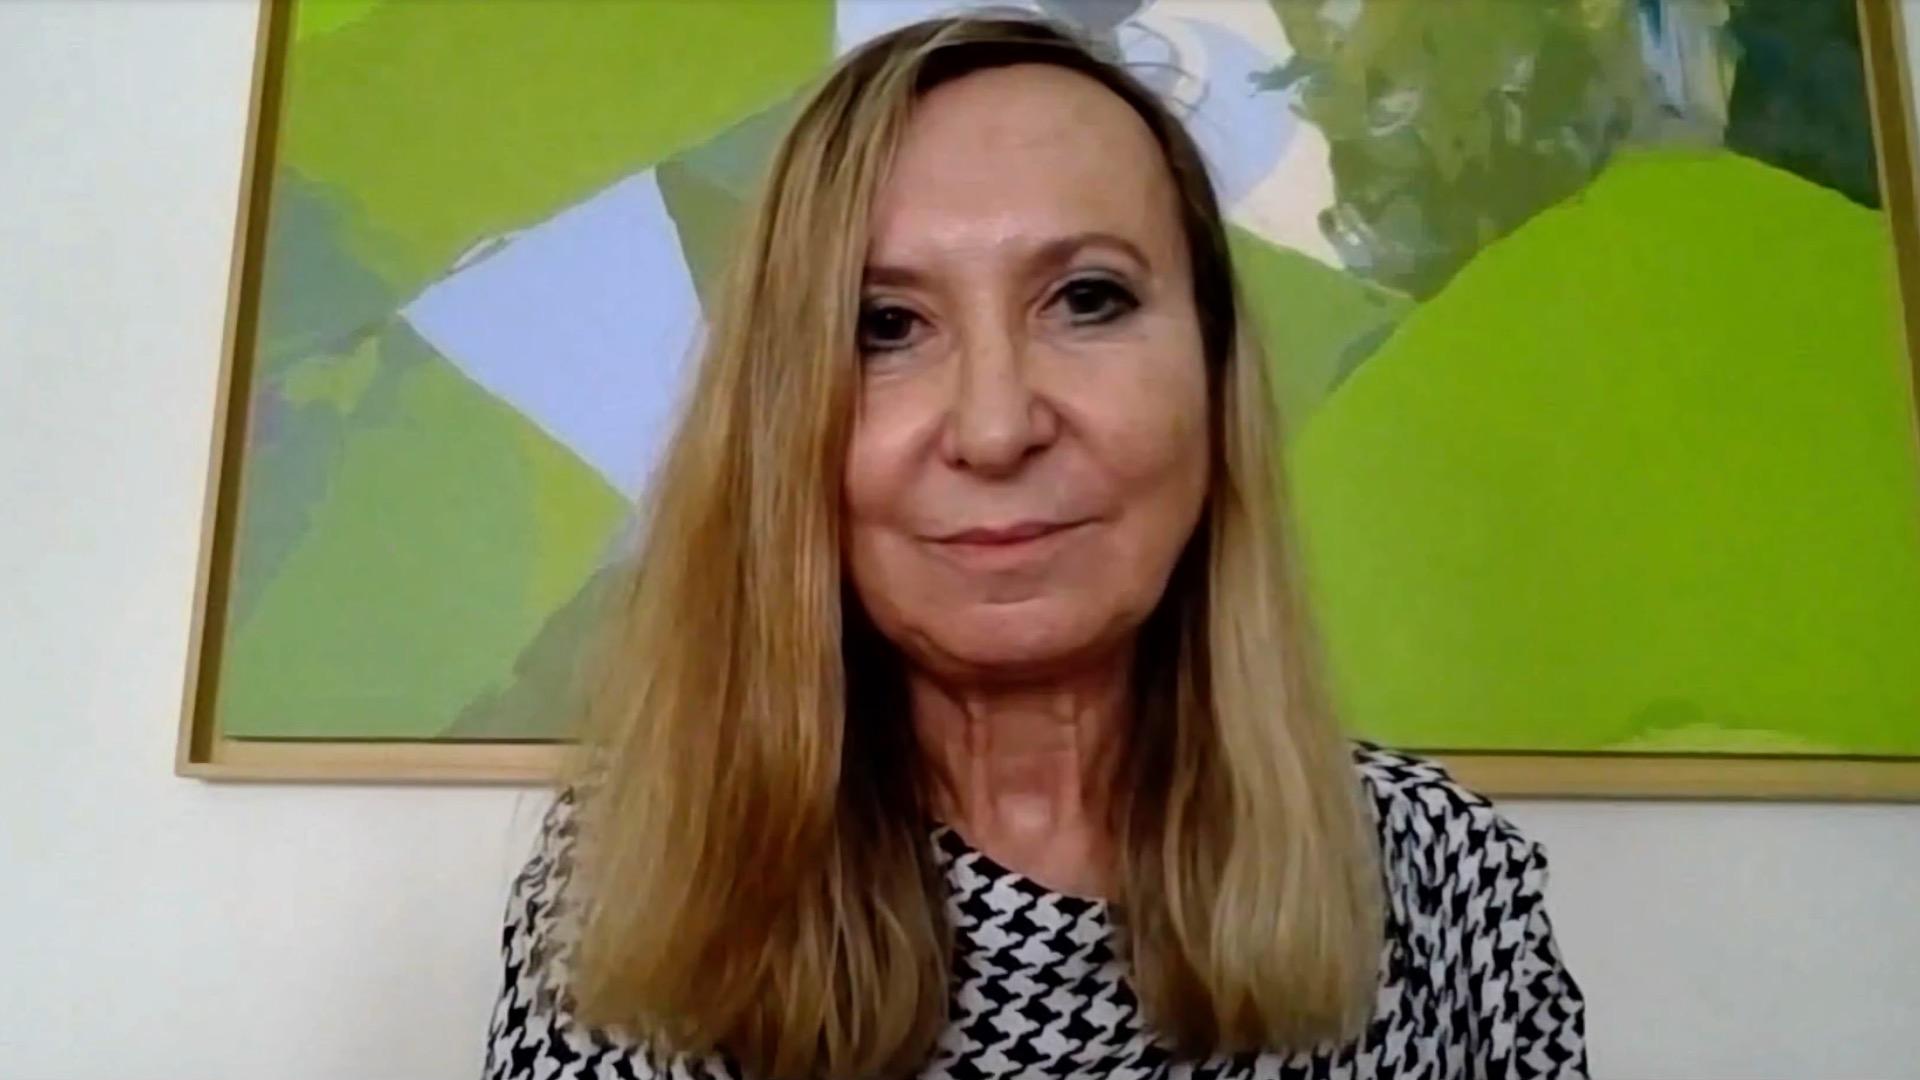 Caridad Mourelo, Inspectora de Hacienda del Estado